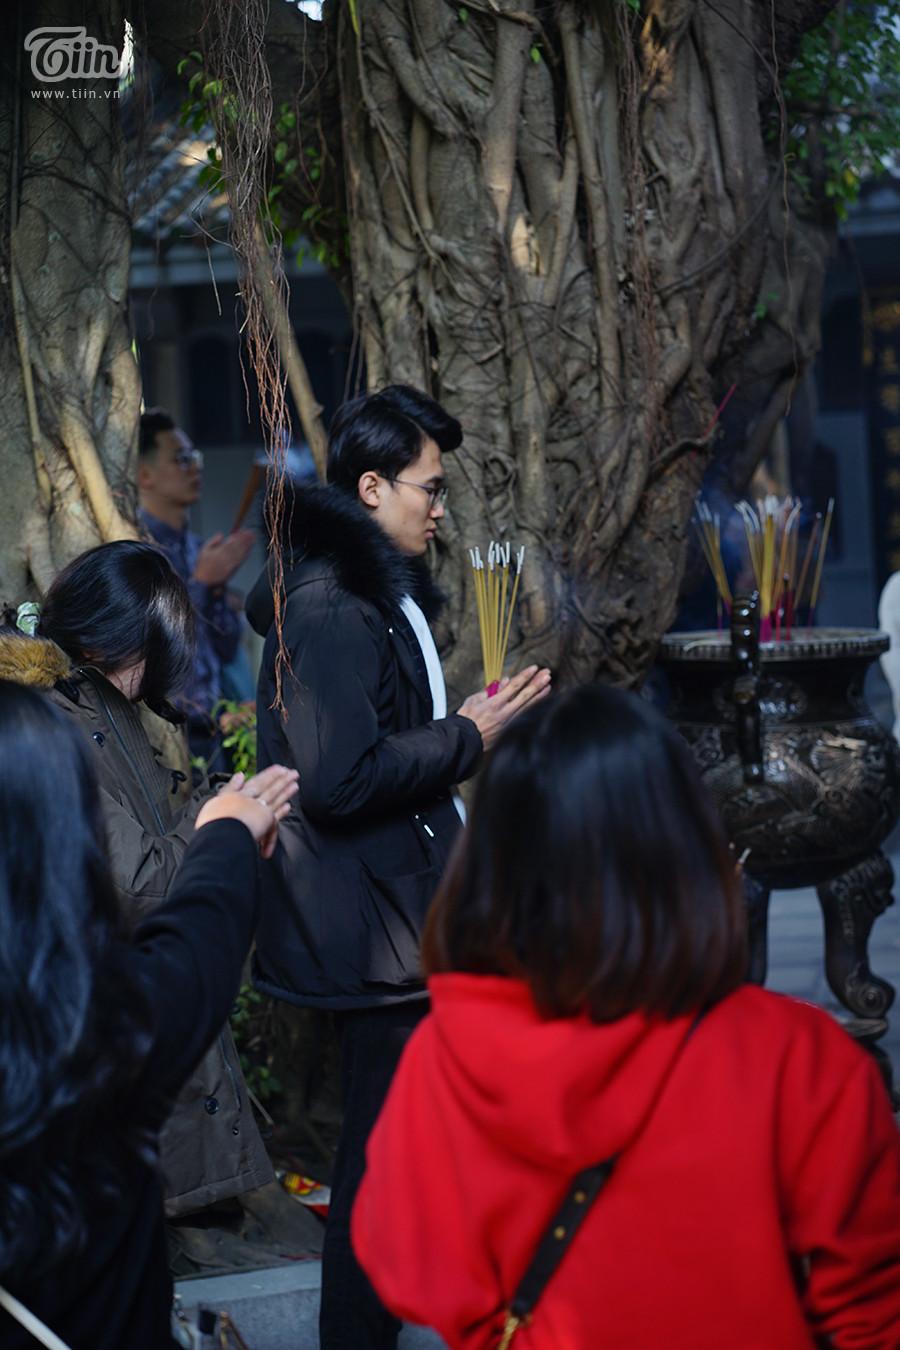 Nhóm bạn trẻ cùng đến dâng lên những lời nguyện ước về tình duyên, cầu bình an trong ngày mùng 1 cuối cùng của năm 2020 Âm lịch.